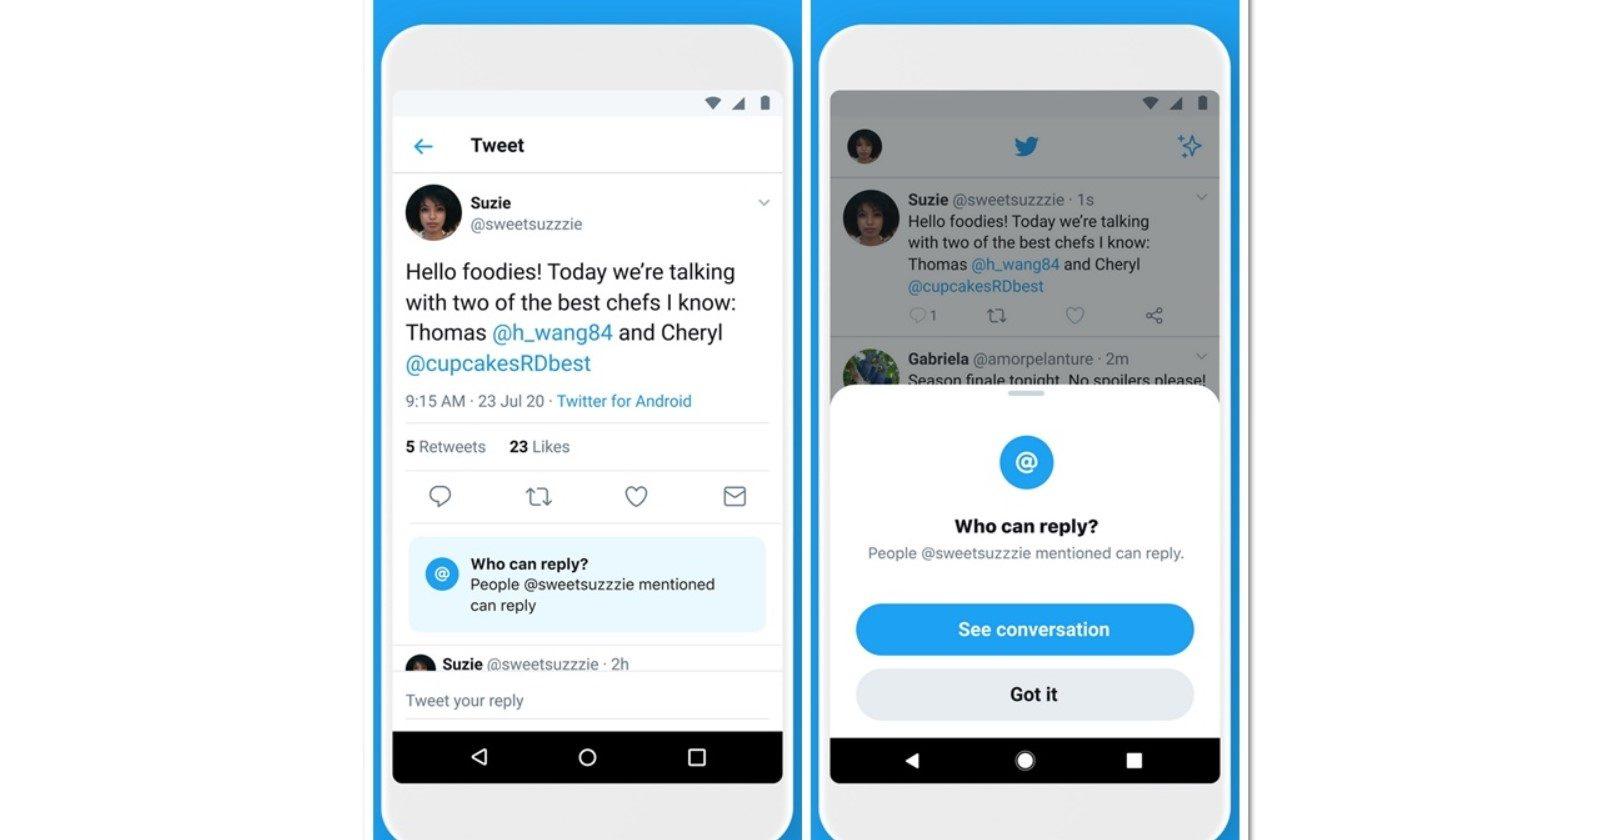 ทวิตเตอร์ เปิดตัวฟีเจอร์ใหม่ ตั้งค่าจำกัดผู้ตอบทวีตบทสนทนา